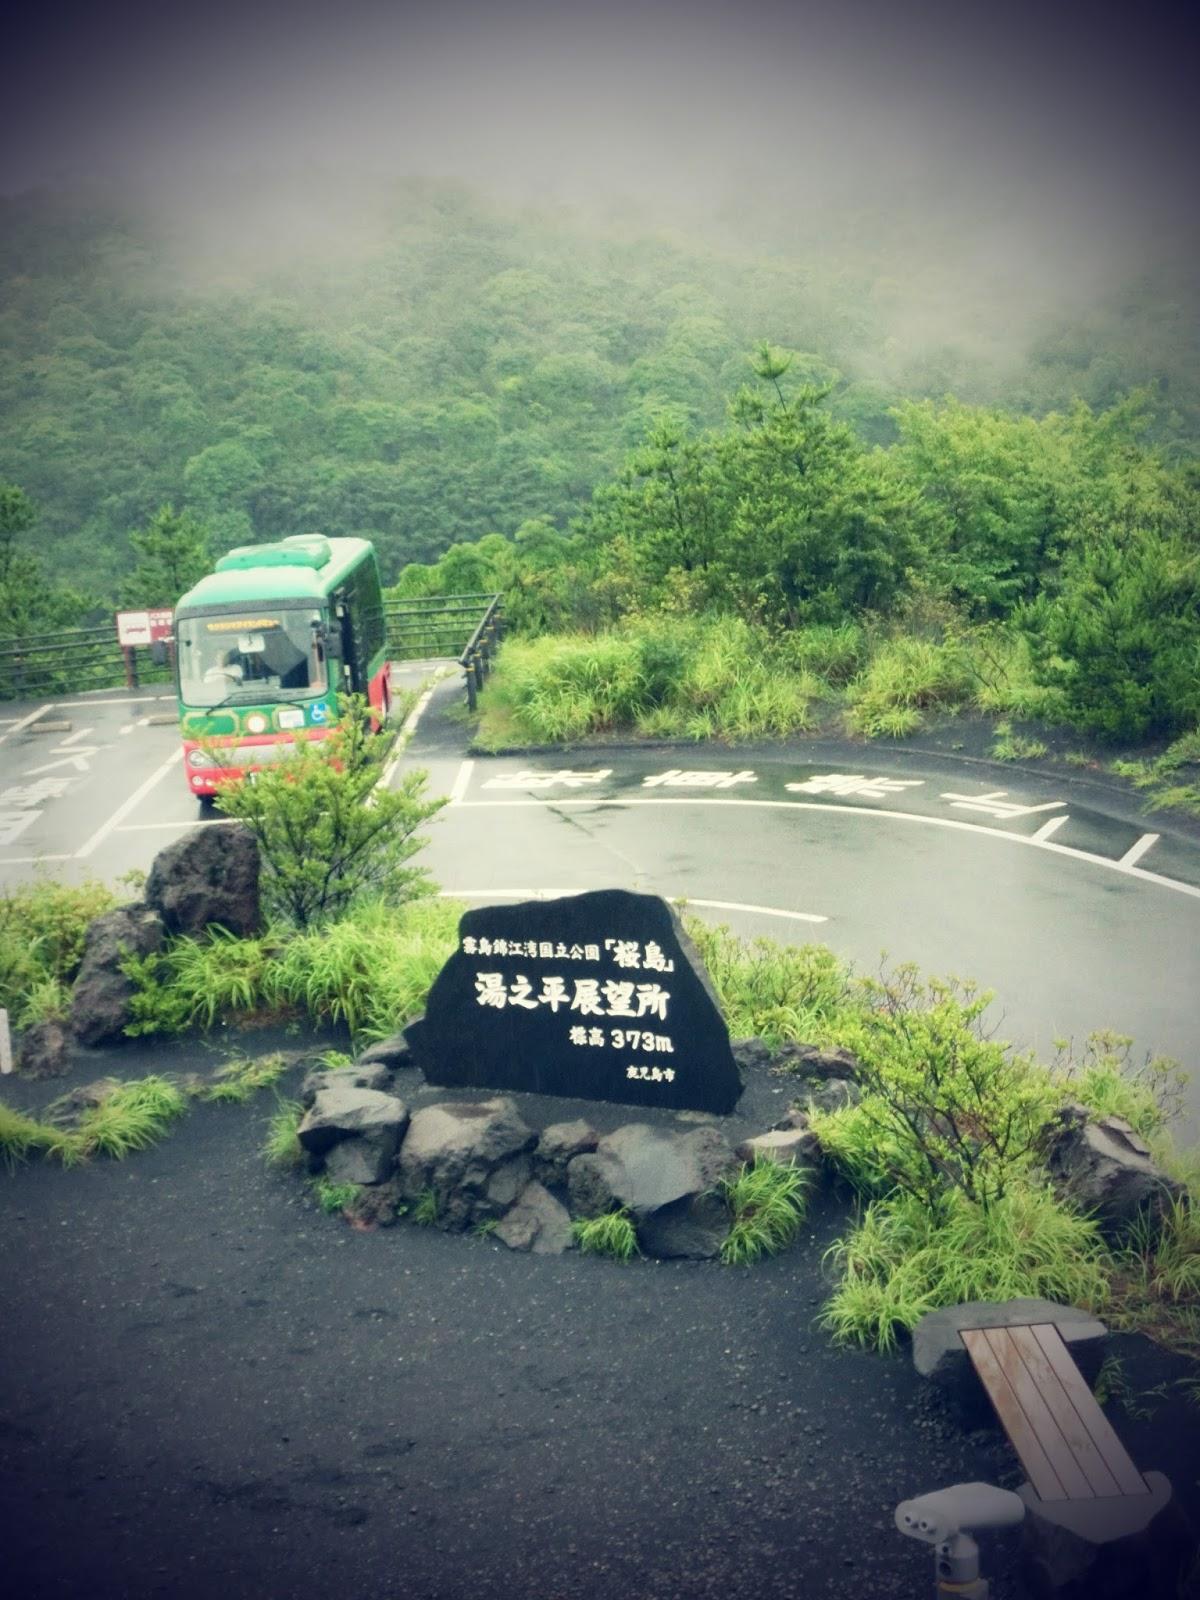 龜龜 SkyWorld: 日本九州自駕遊 - 十二天 - Day 6